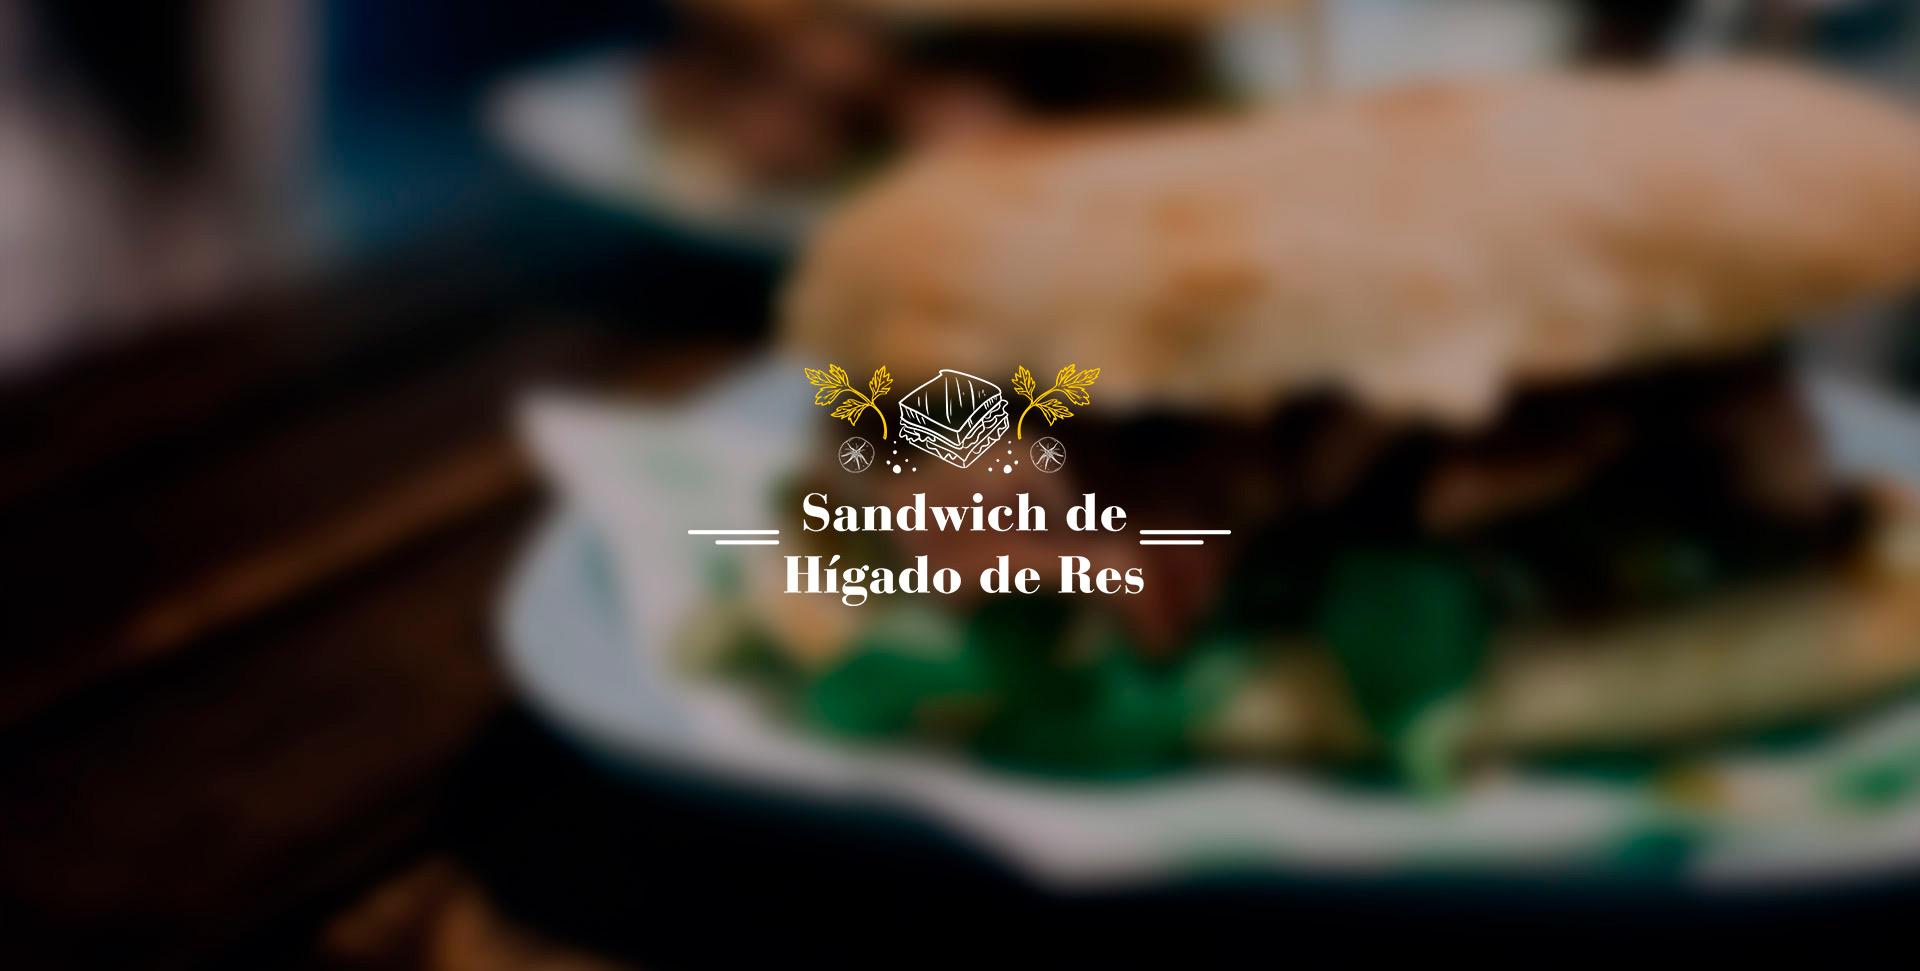 Sandwich de hígado de res